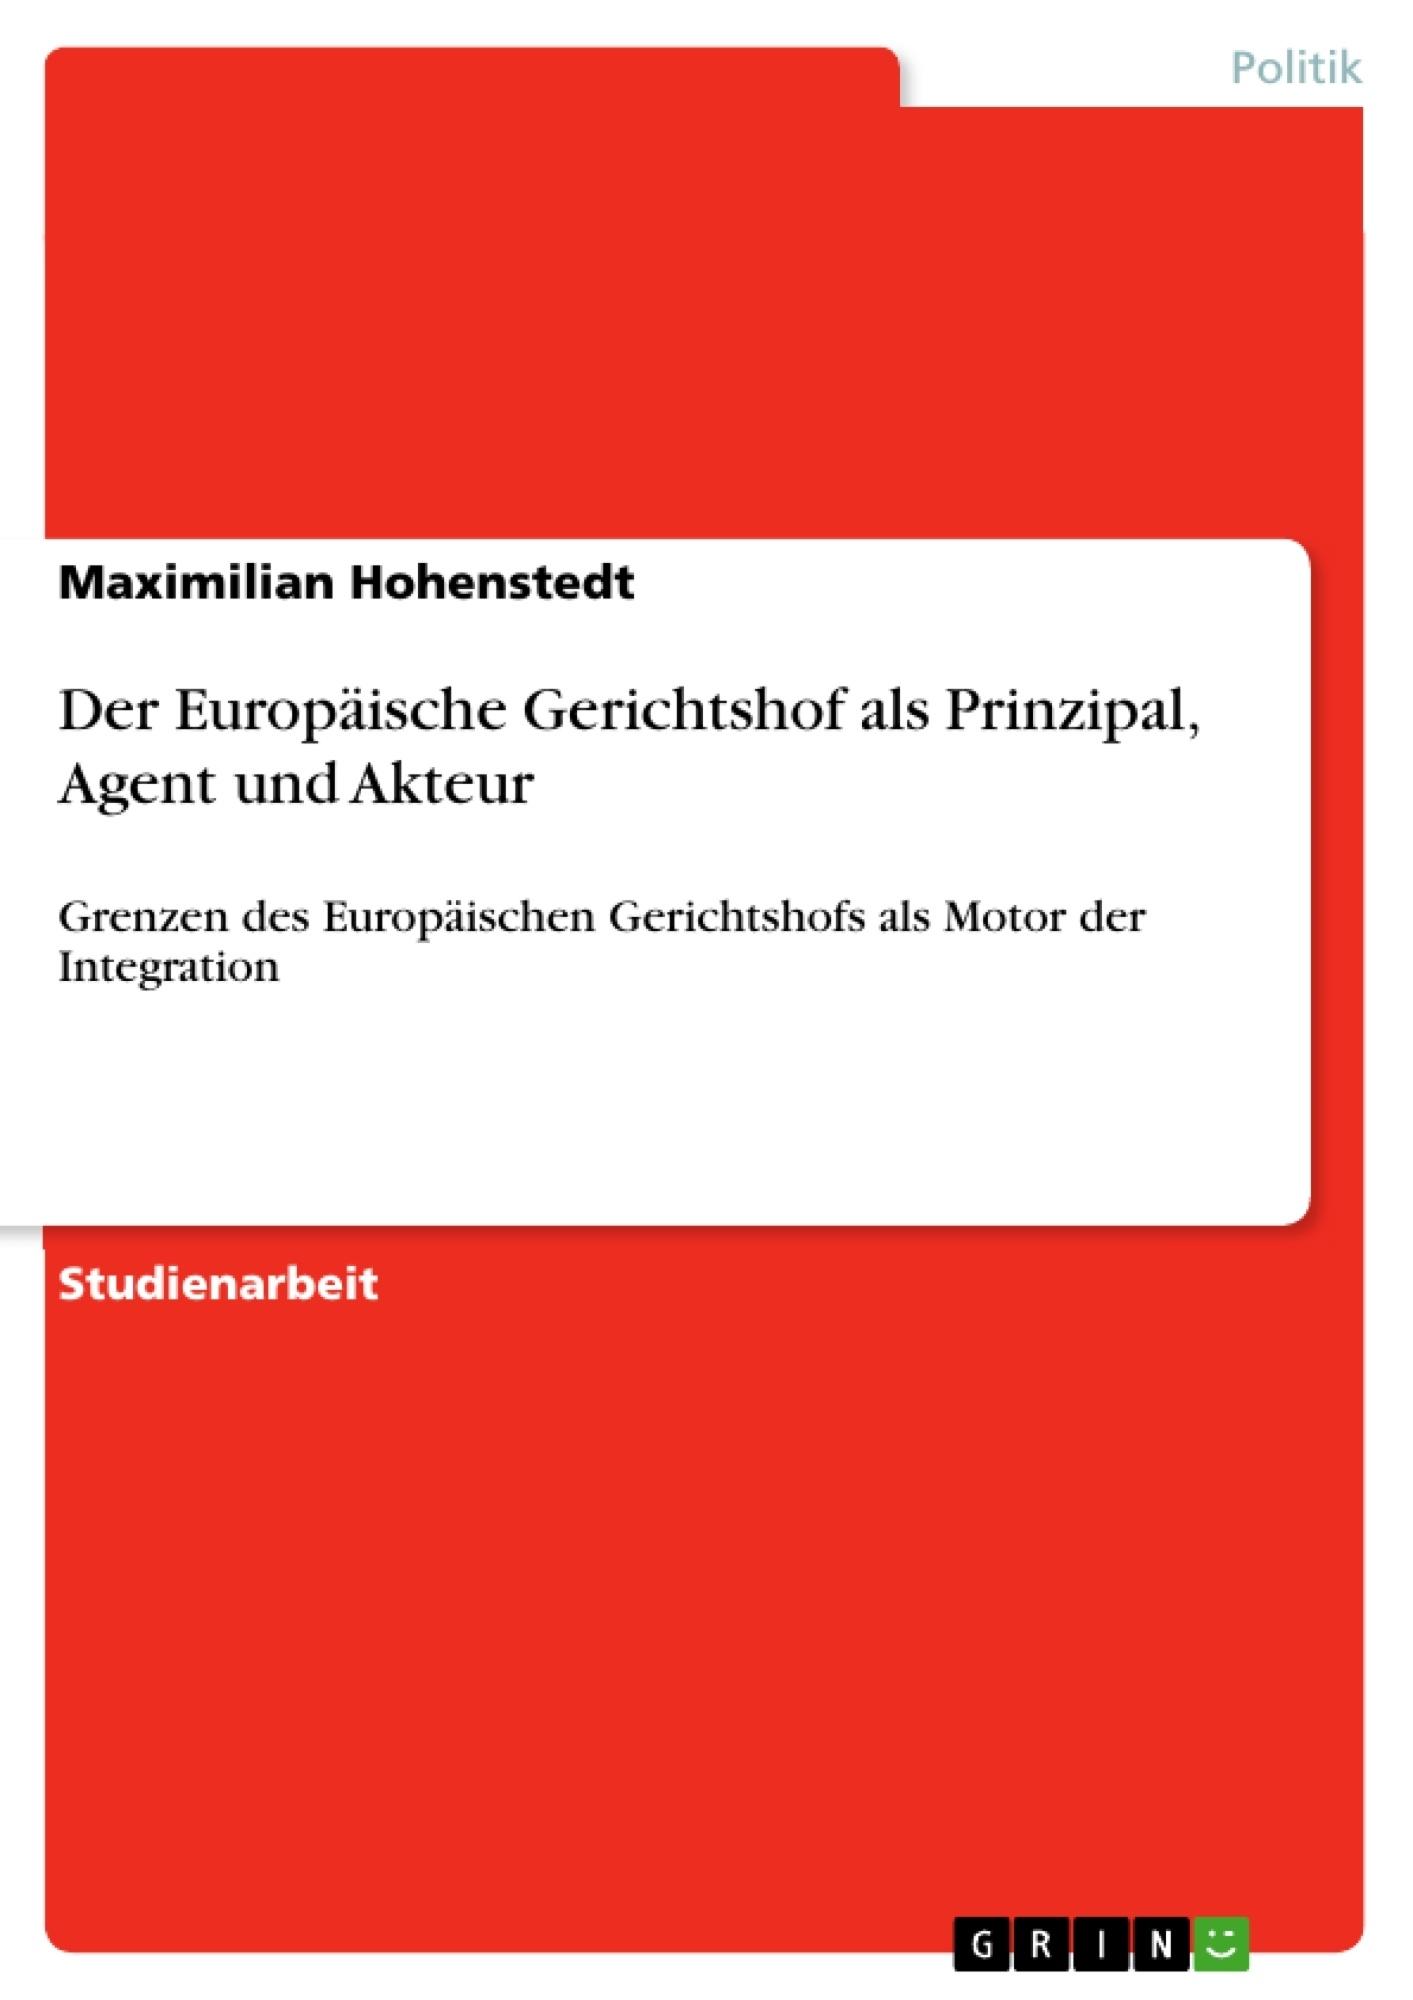 Titel: Der Europäische Gerichtshof als Prinzipal, Agent und Akteur